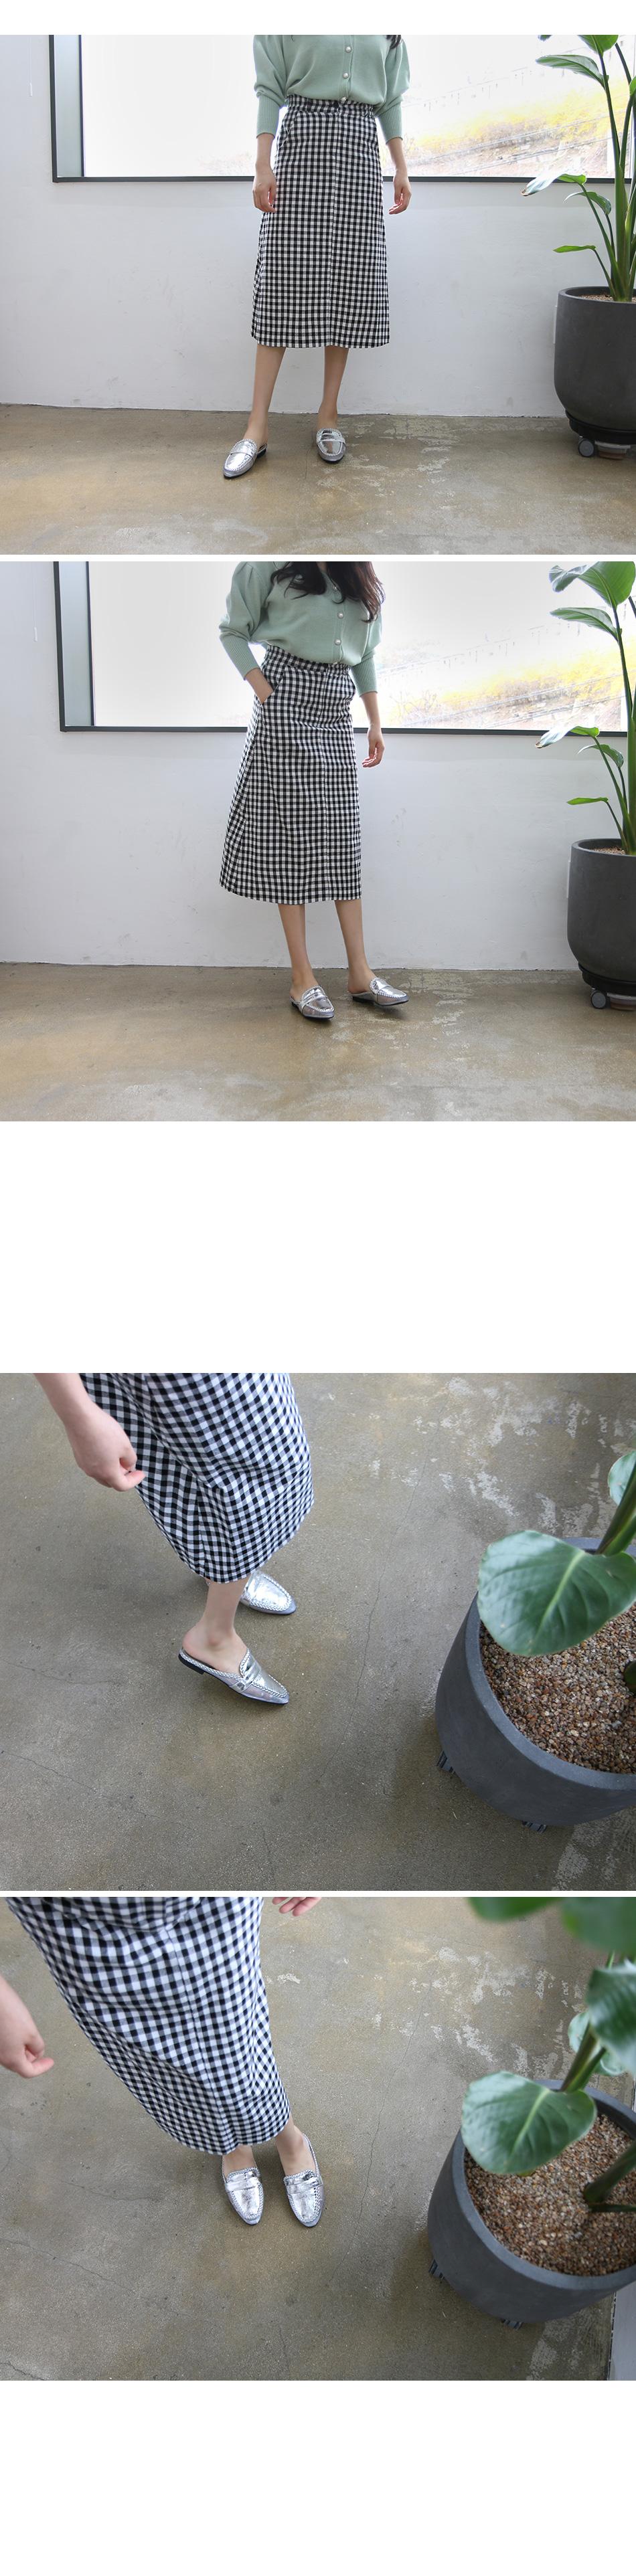 데코프 시스루 꼬임 블로퍼 착용컷